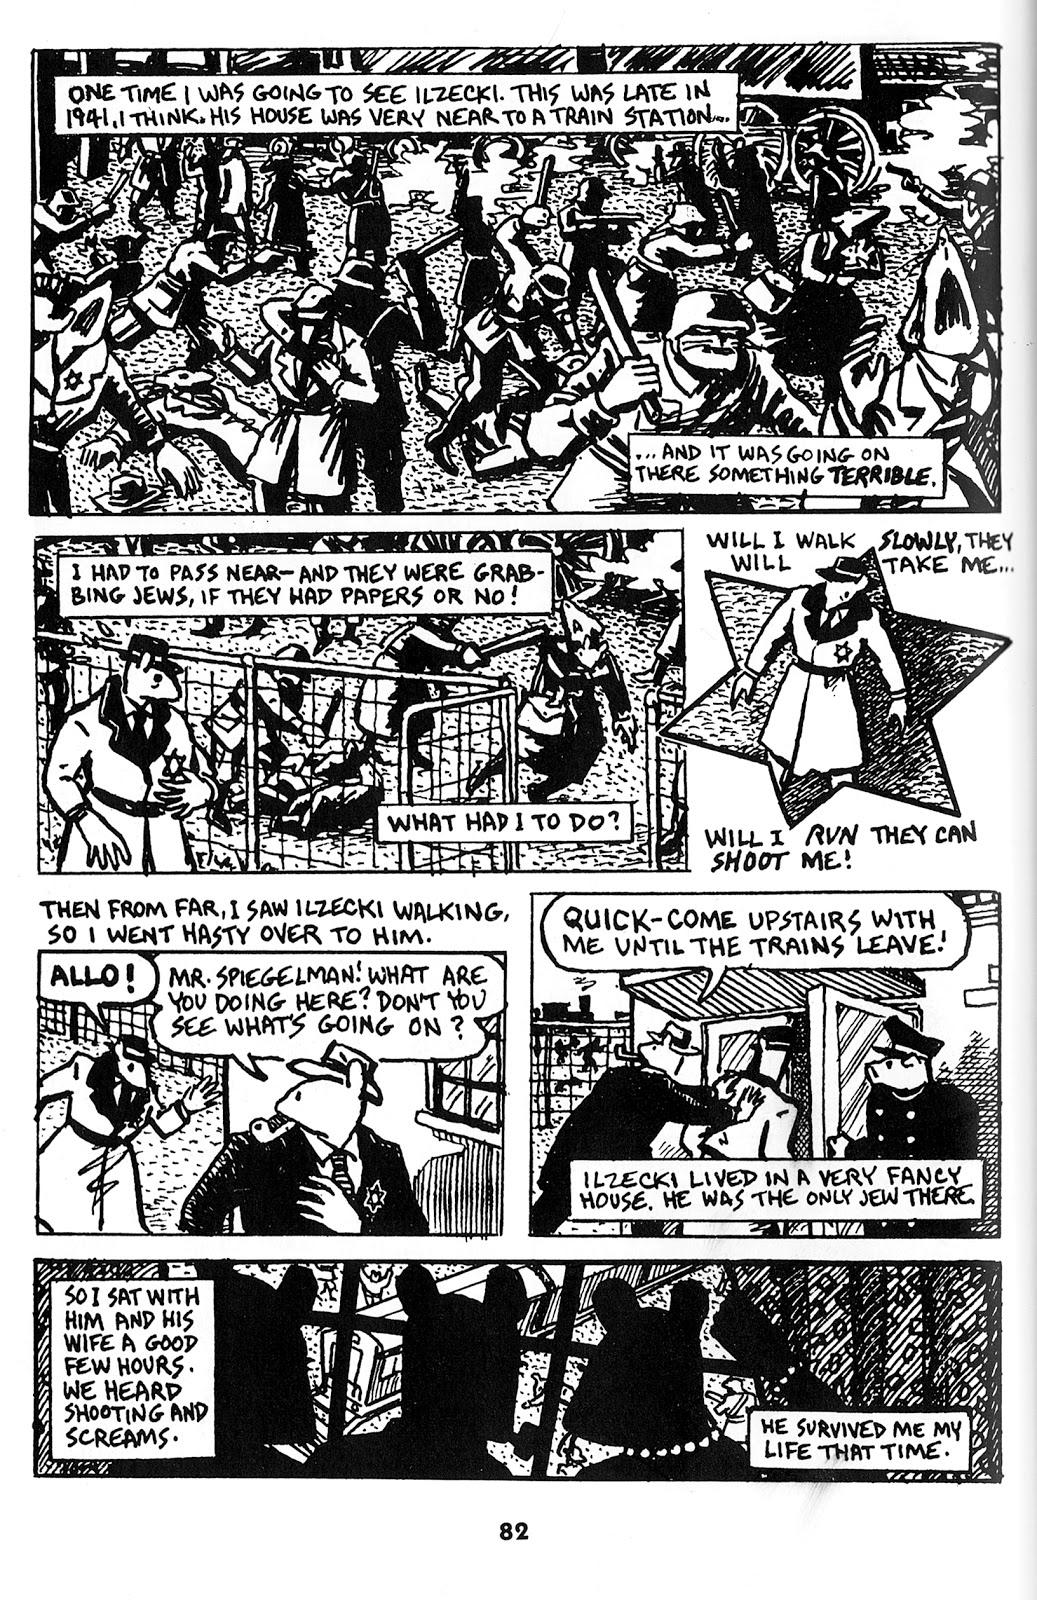 About Art Spiegelman - Maus: November 2012